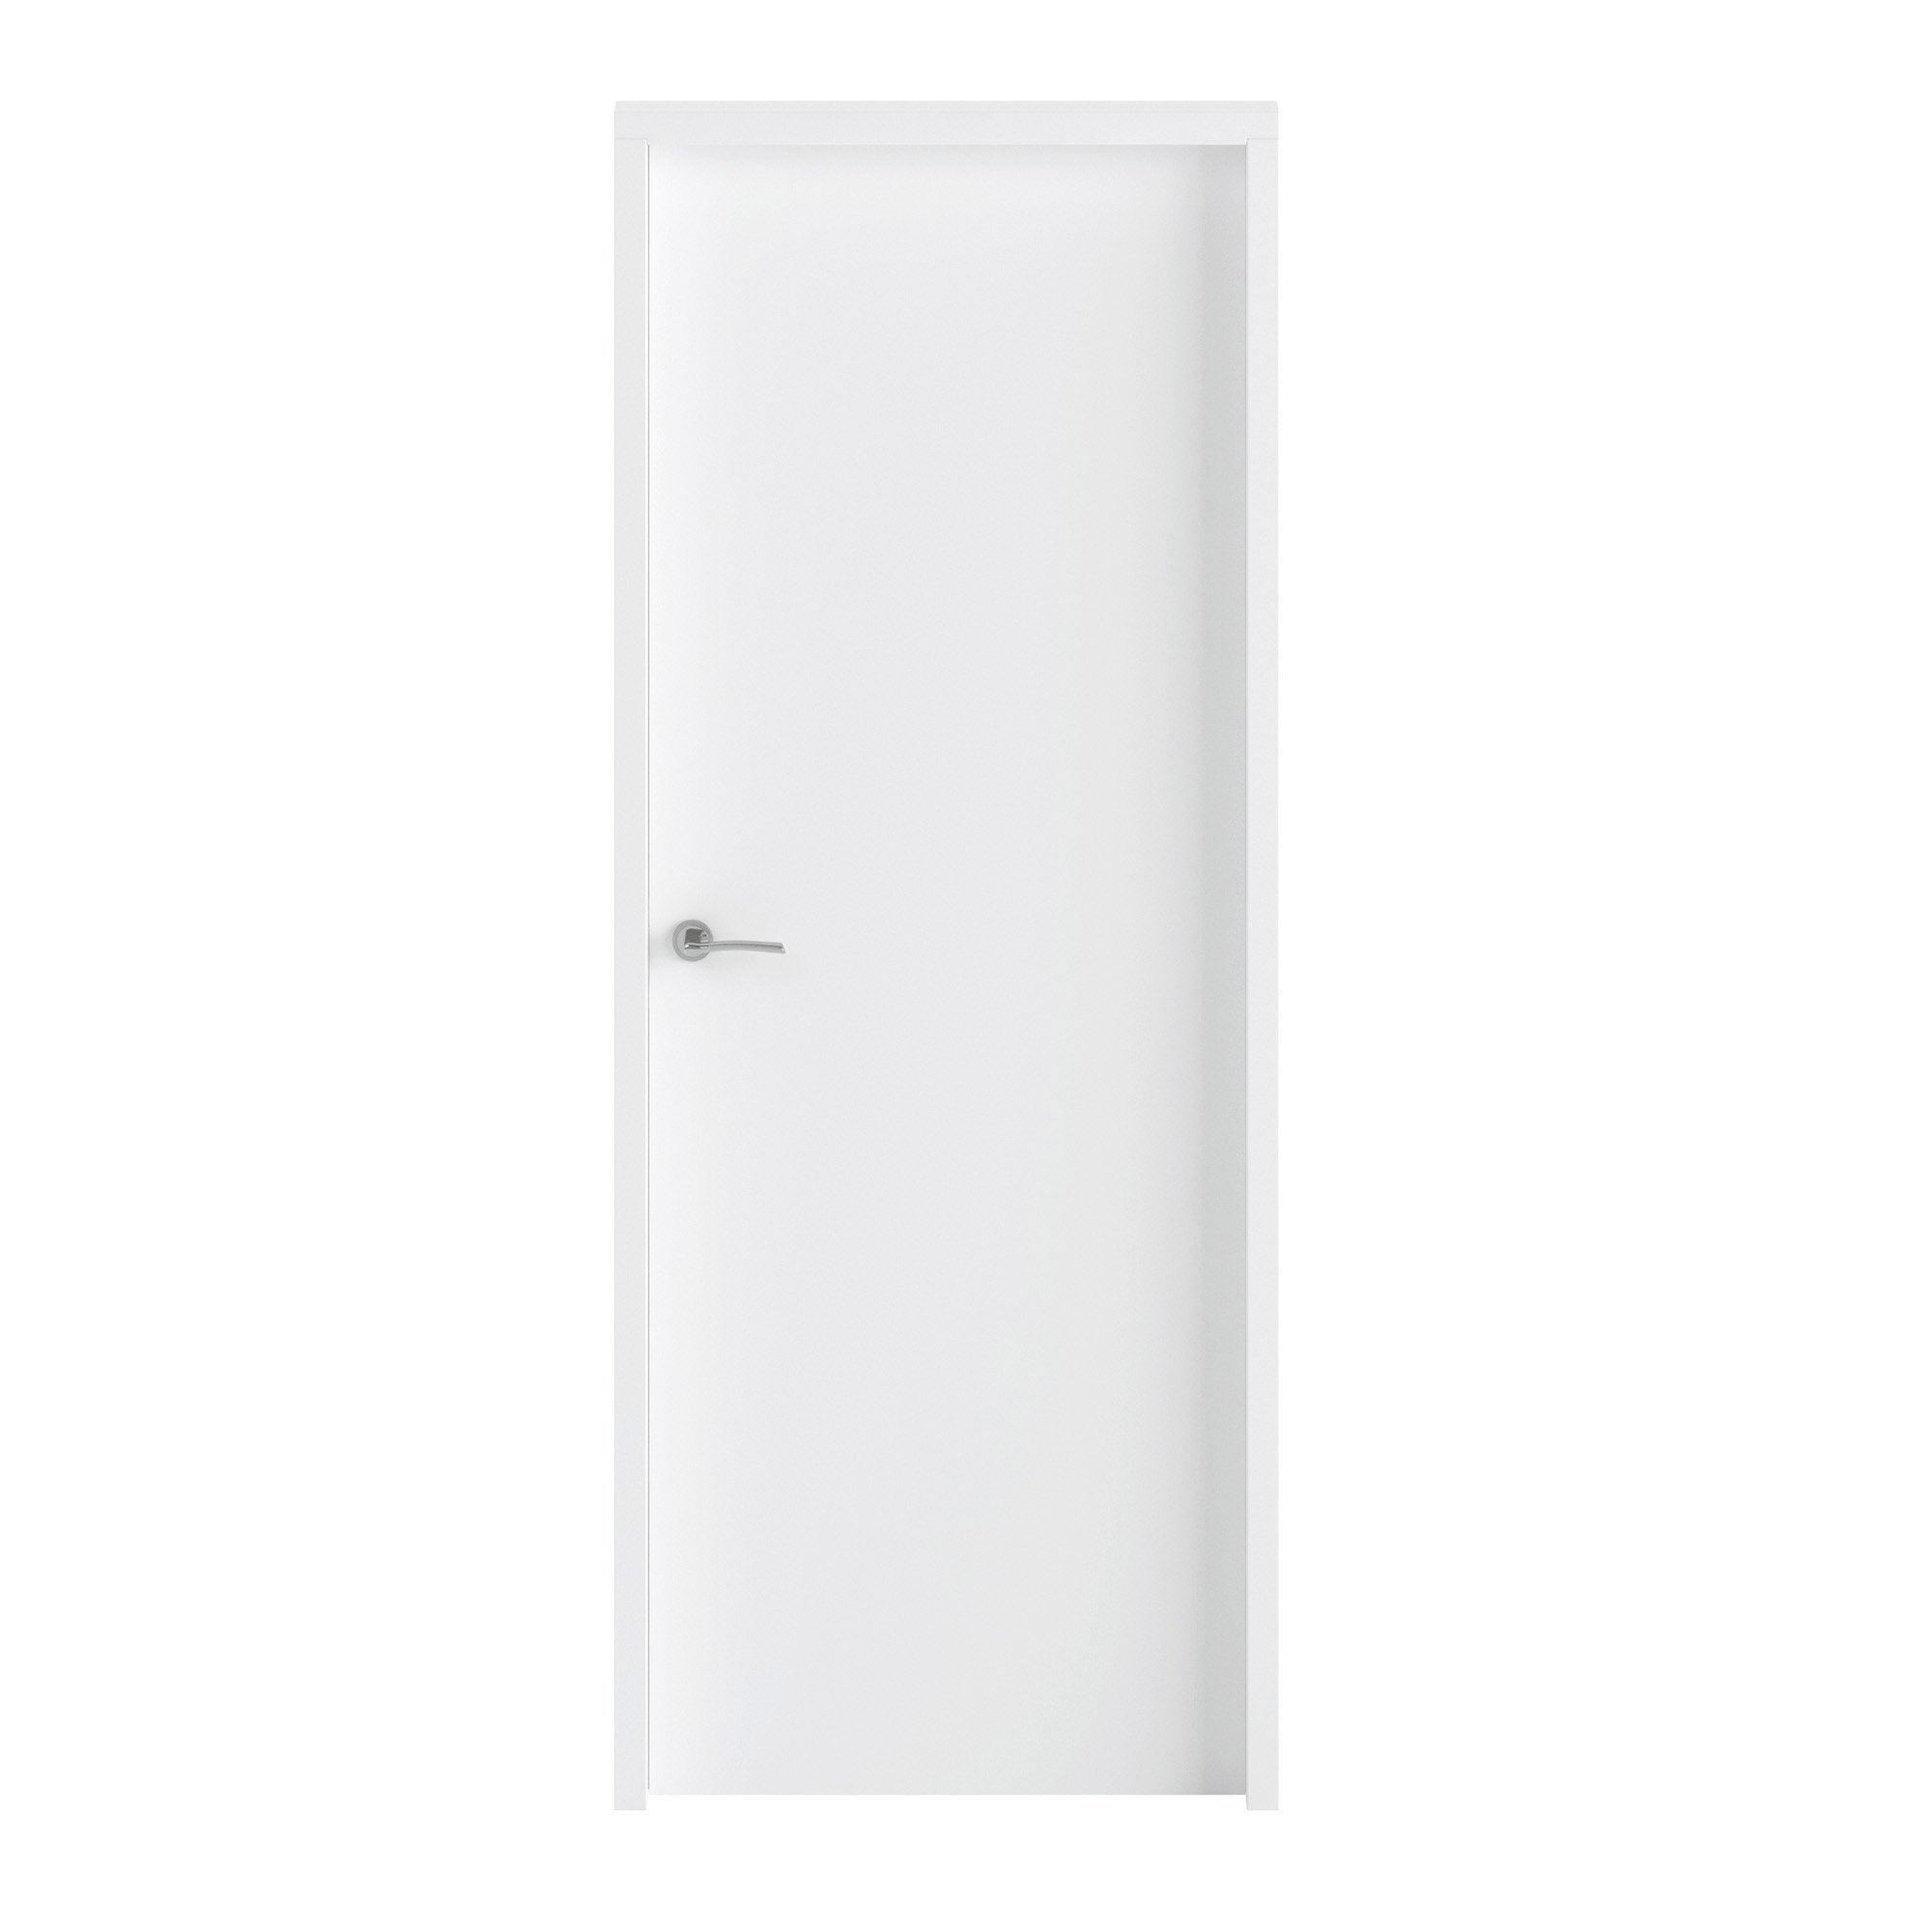 Bloc-porte bois revêtu Loulou, blanc H.204 x l.83 cm, réversible